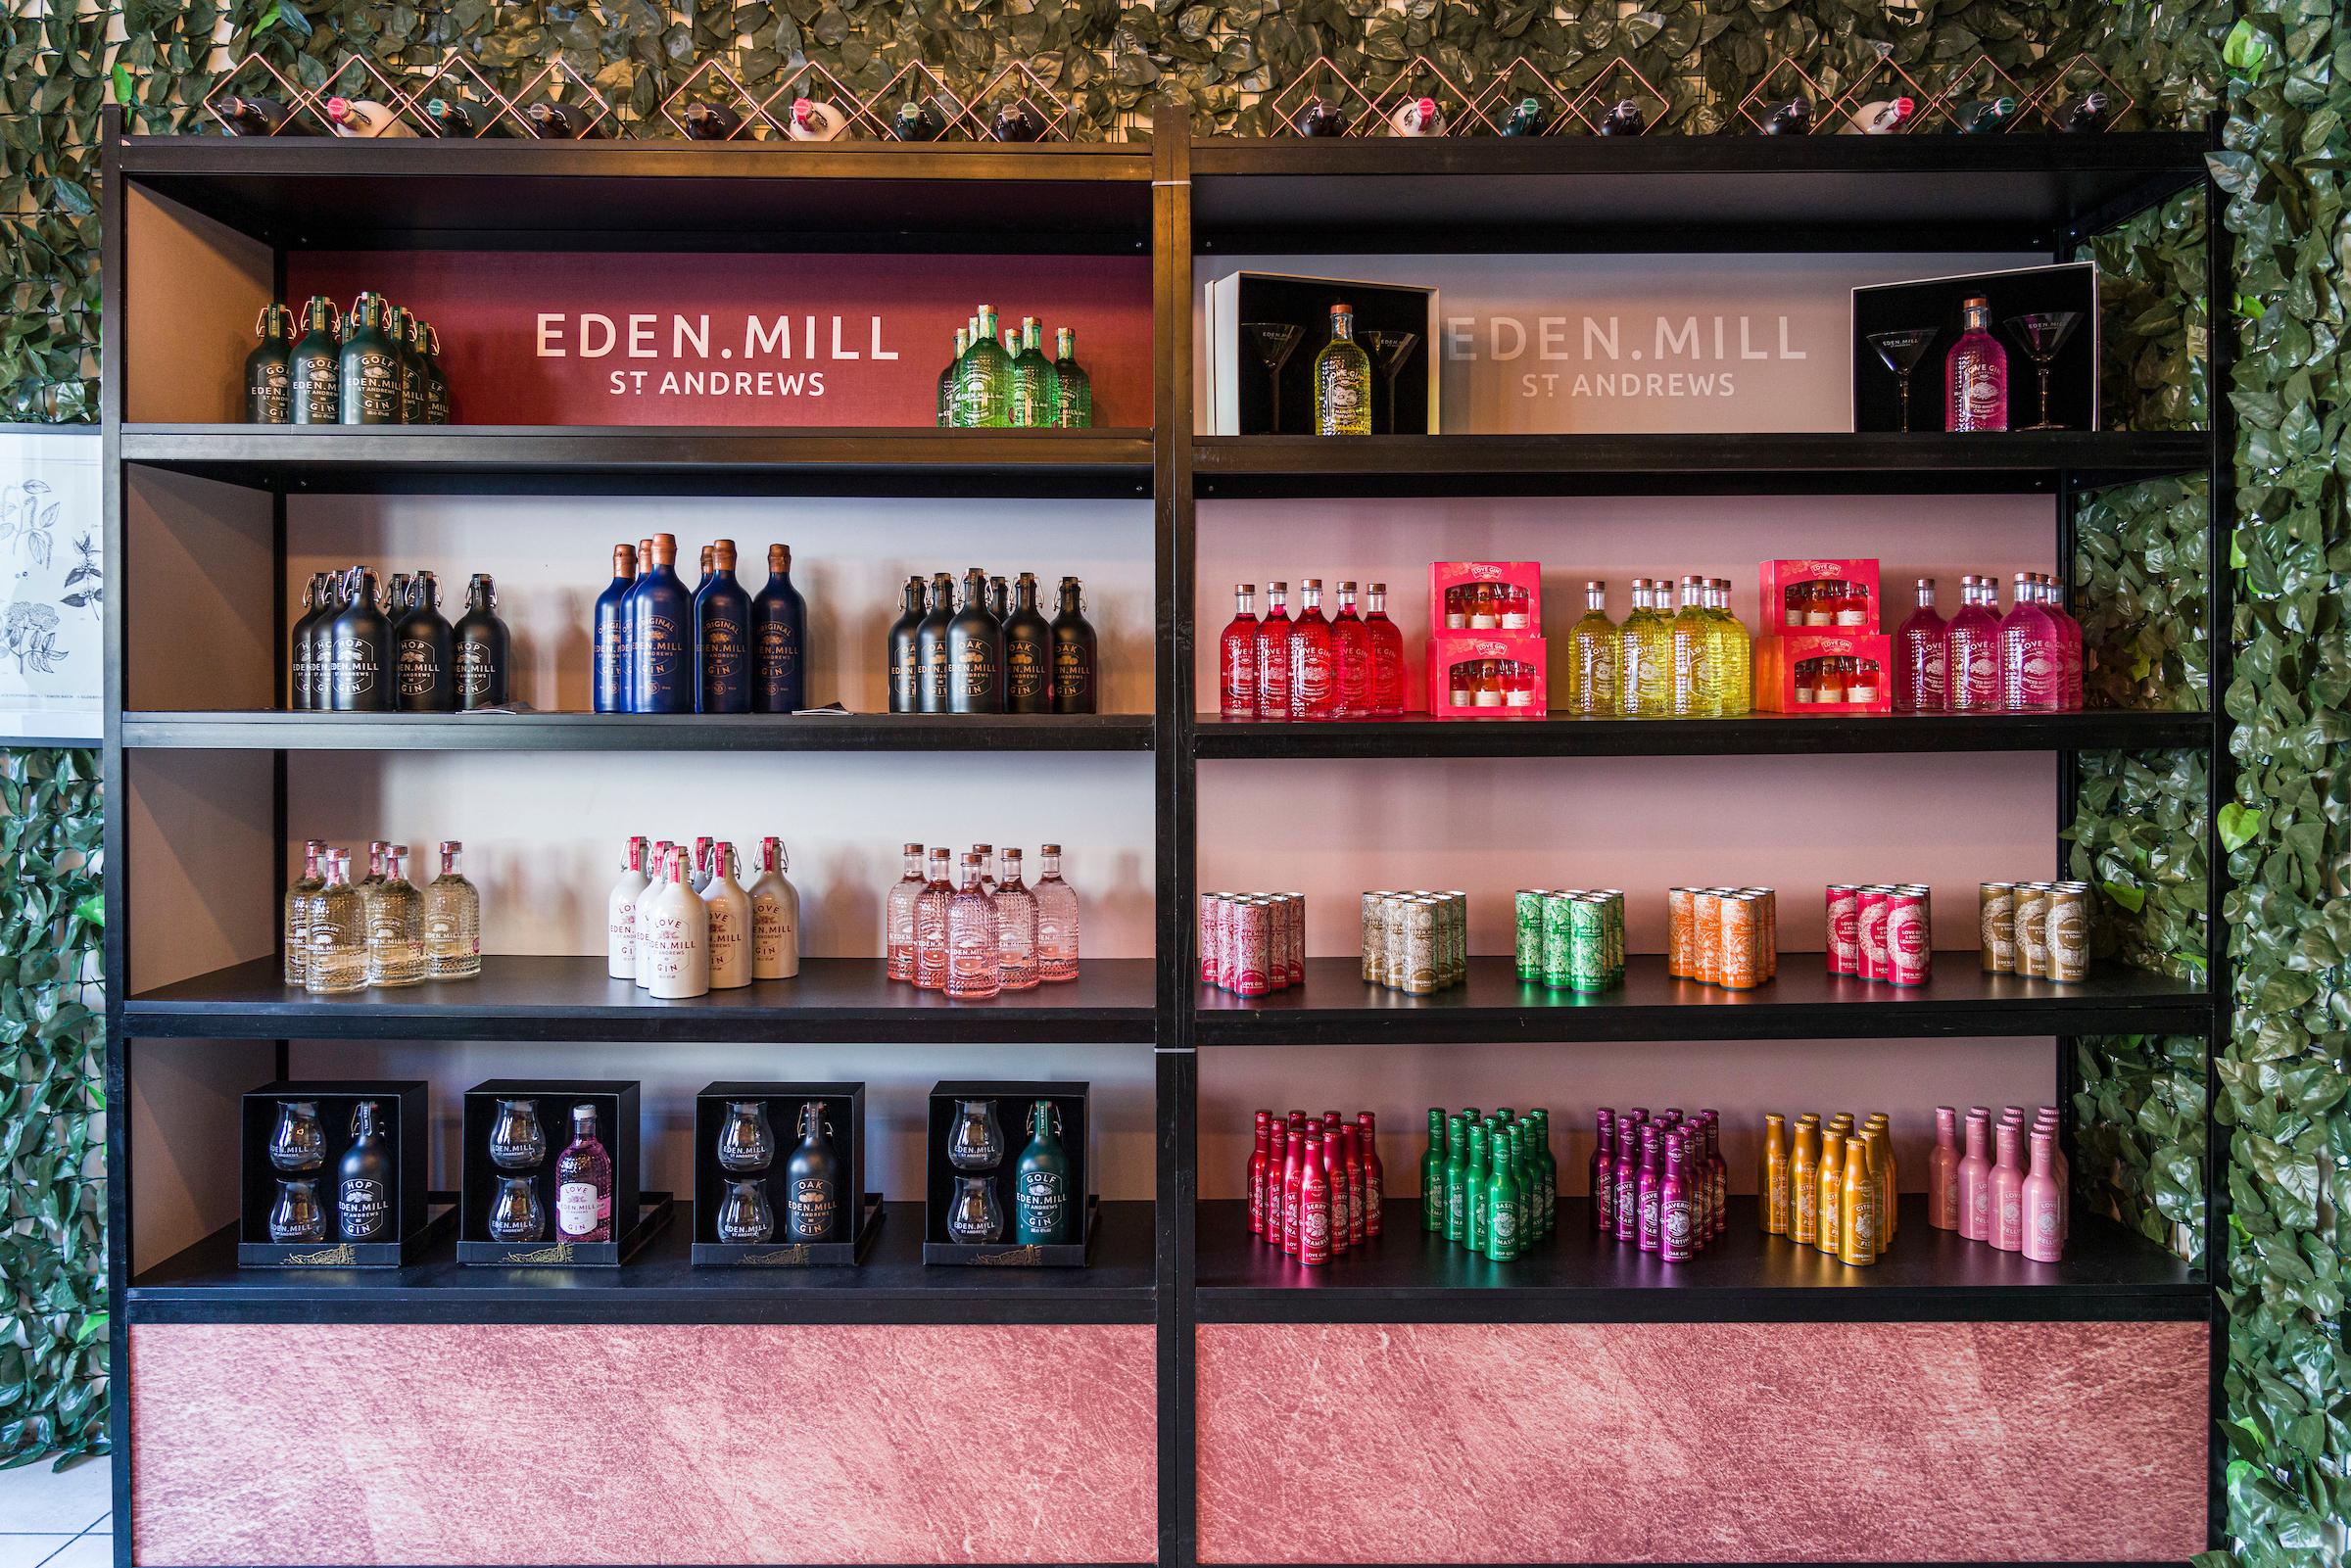 Bottles of Eden Mill-Business News Scotland